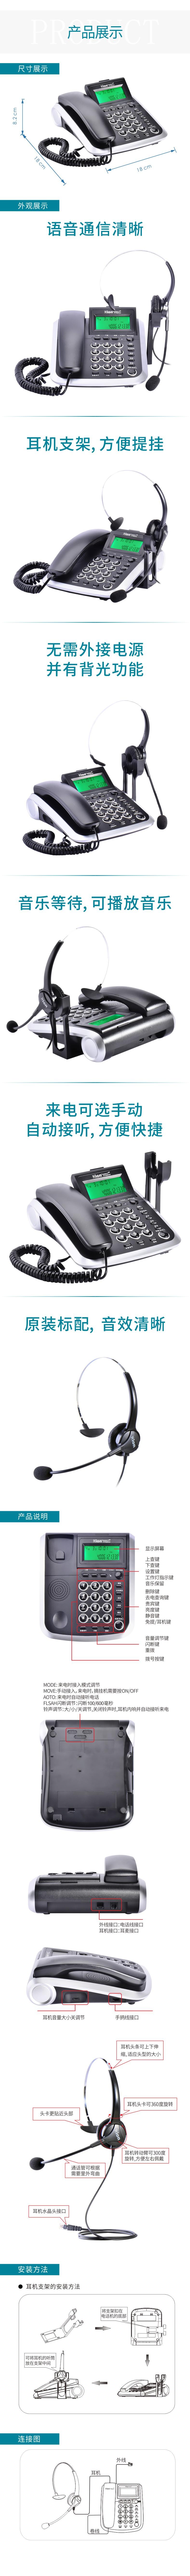 北恩 V200h 耳机电话